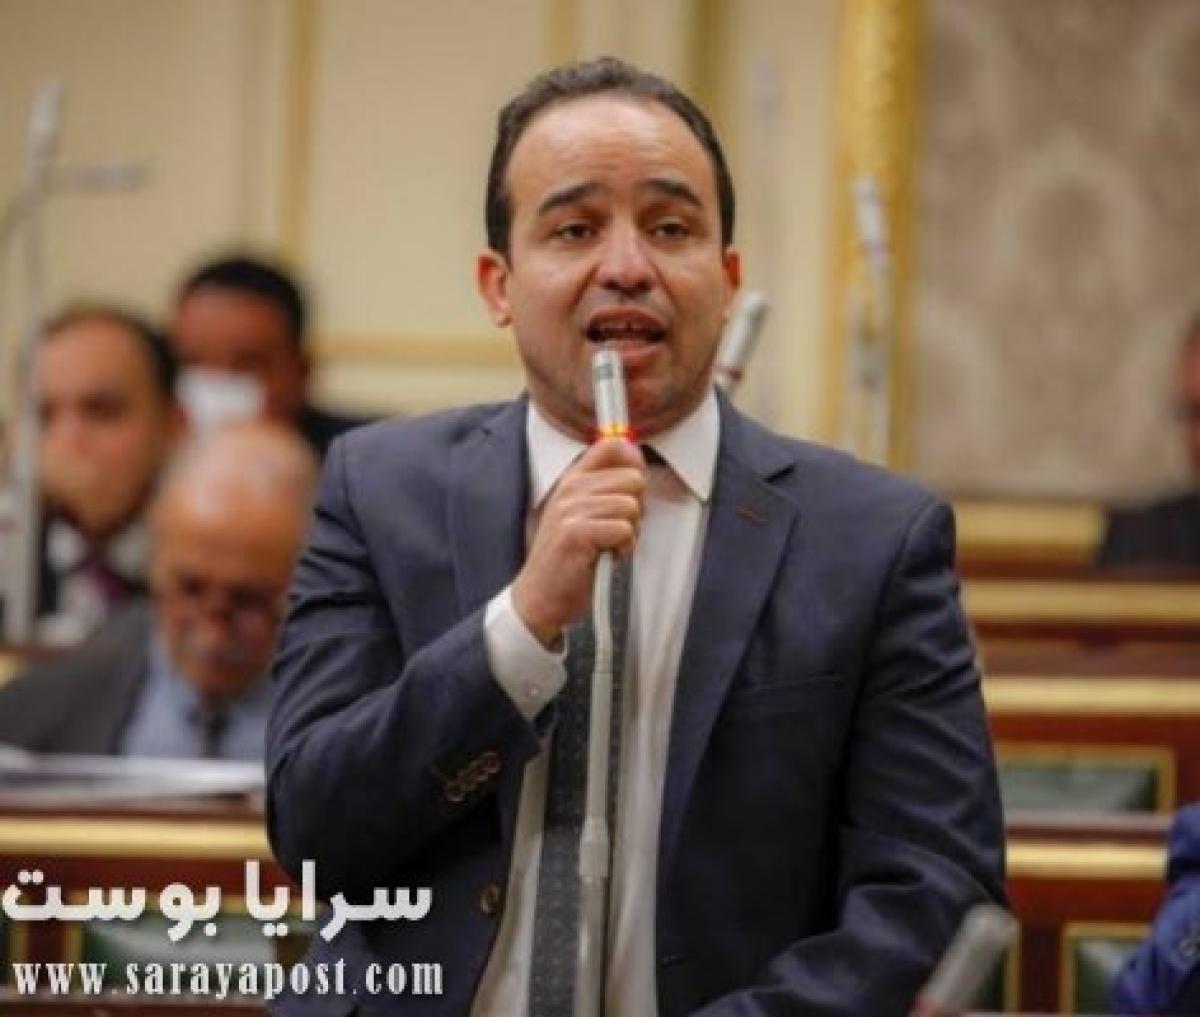 أهالى دائرة بولاق الدكرور يوجهون رسائل شكر للنائب محمد إسماعيل